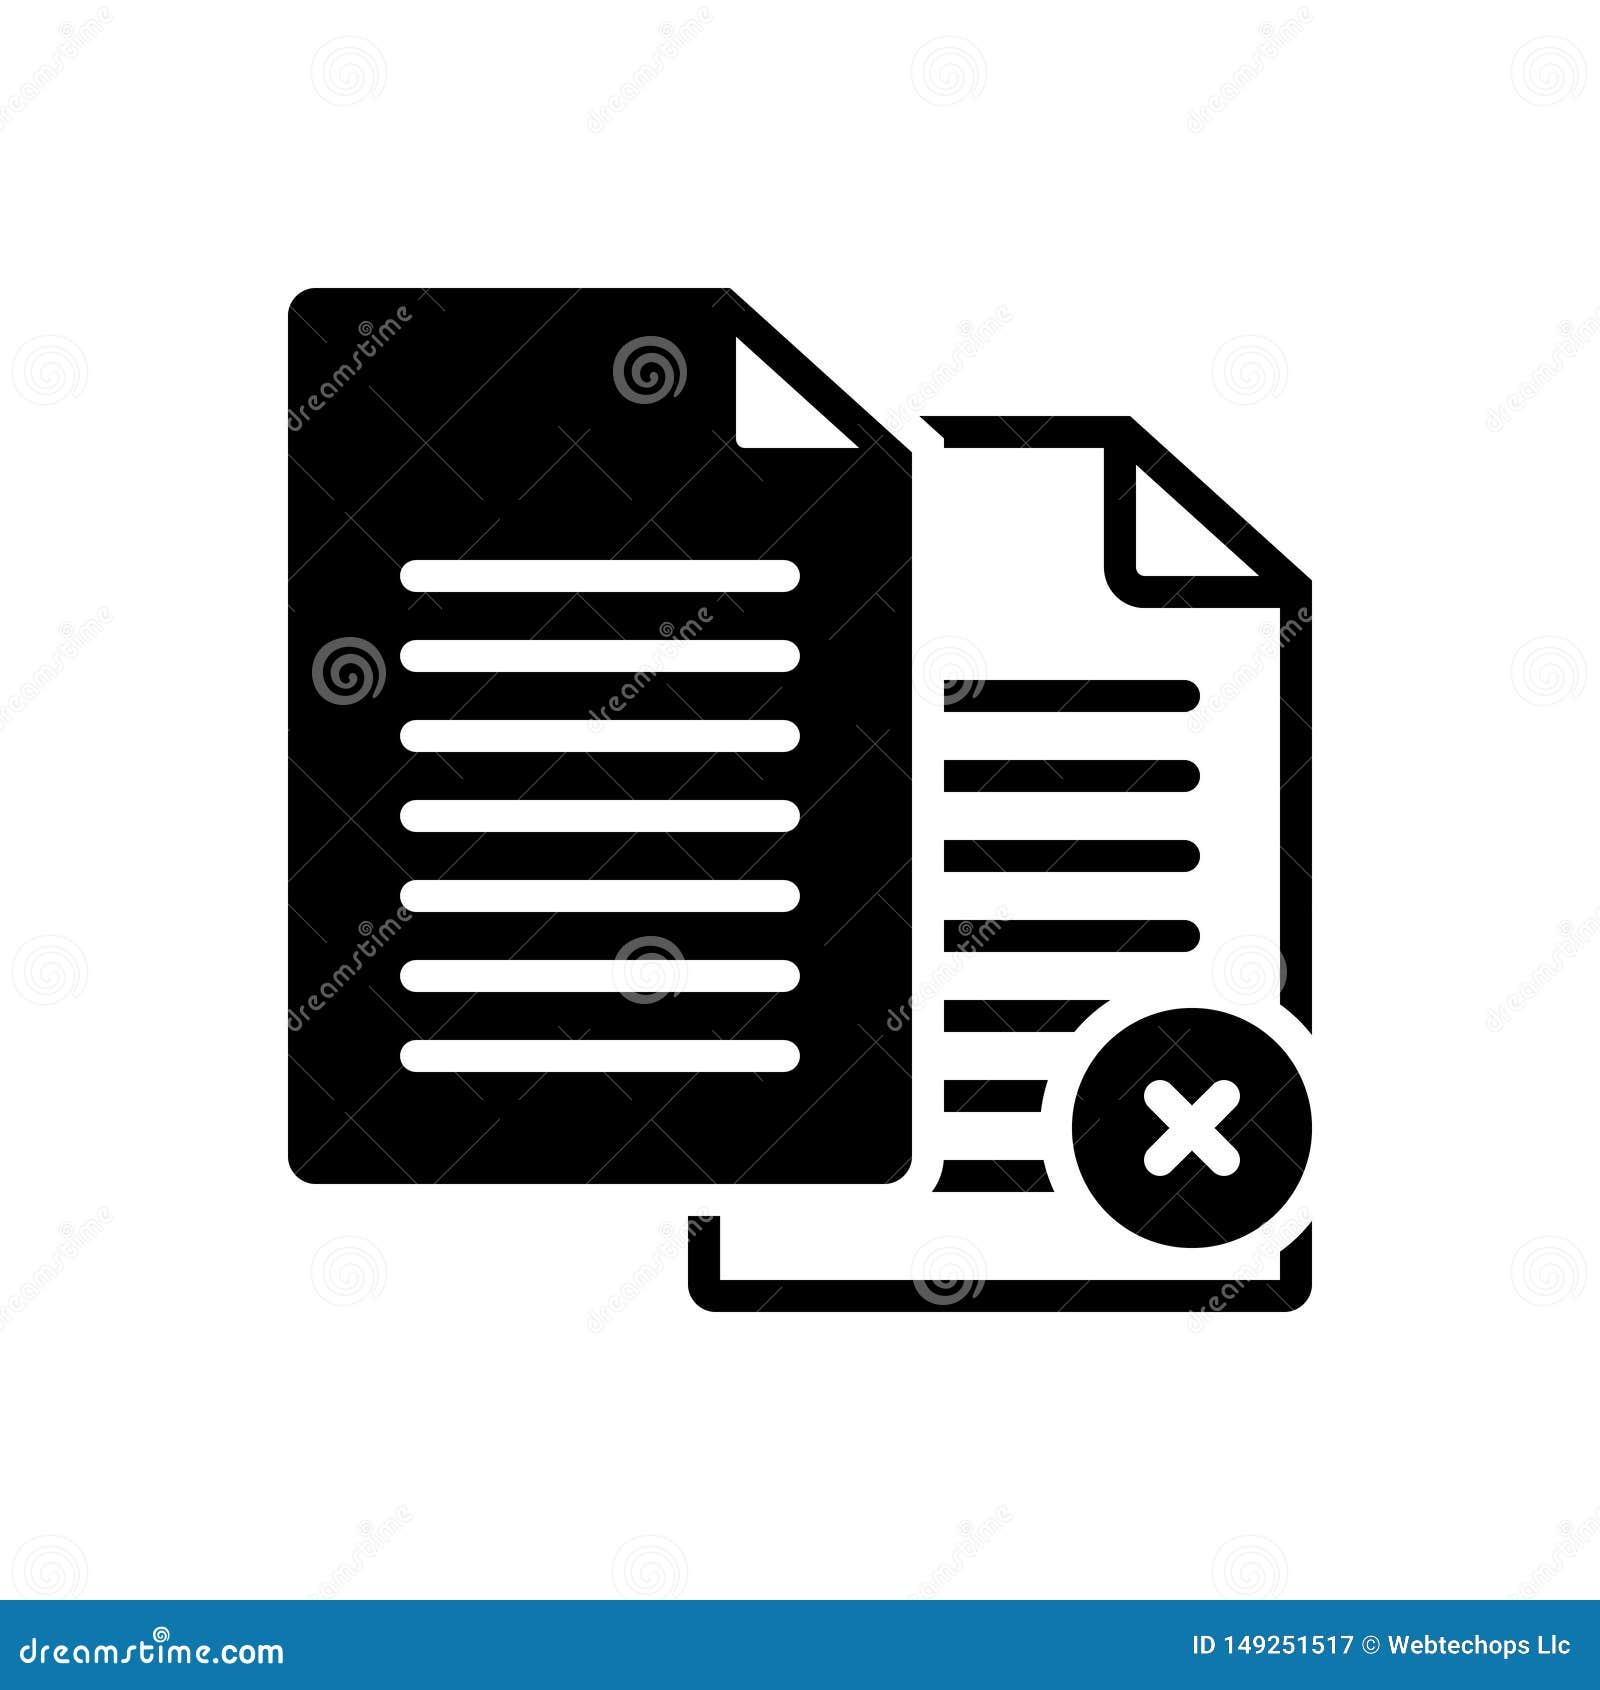 Svart fast symbol för Paperless, annullering och annullering